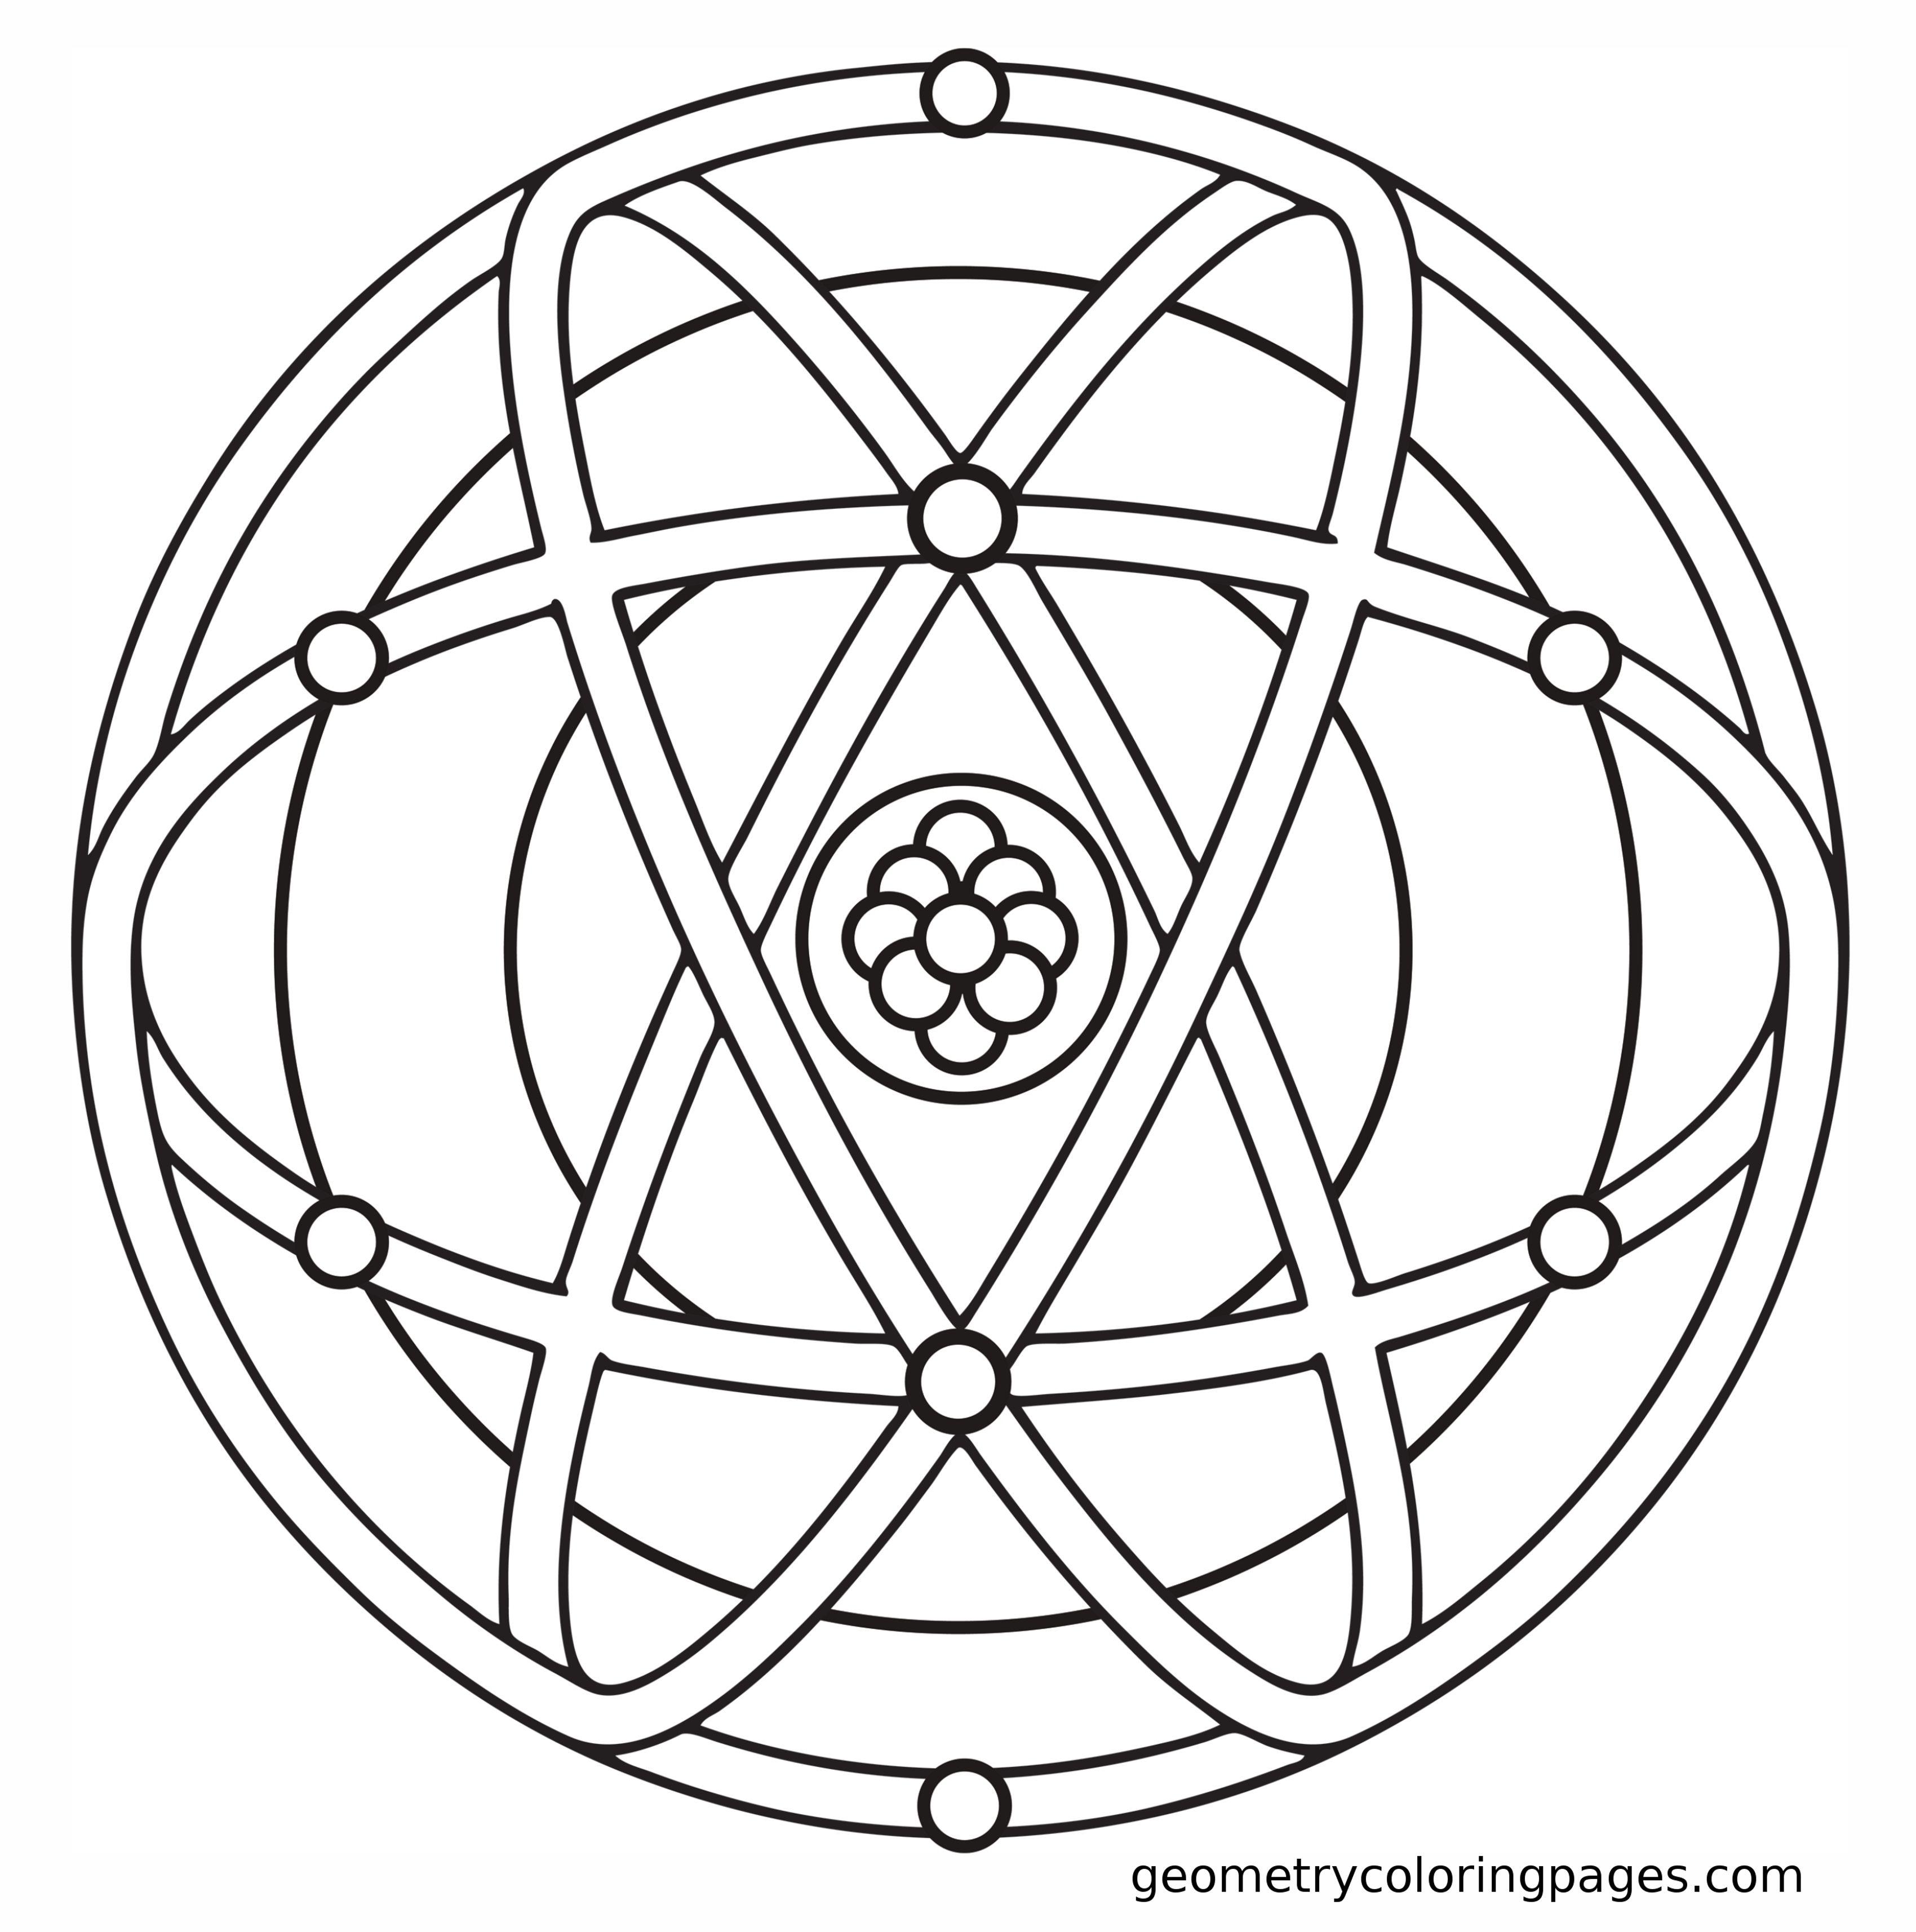 Mandala Coloring Page, Genesa Crystal from